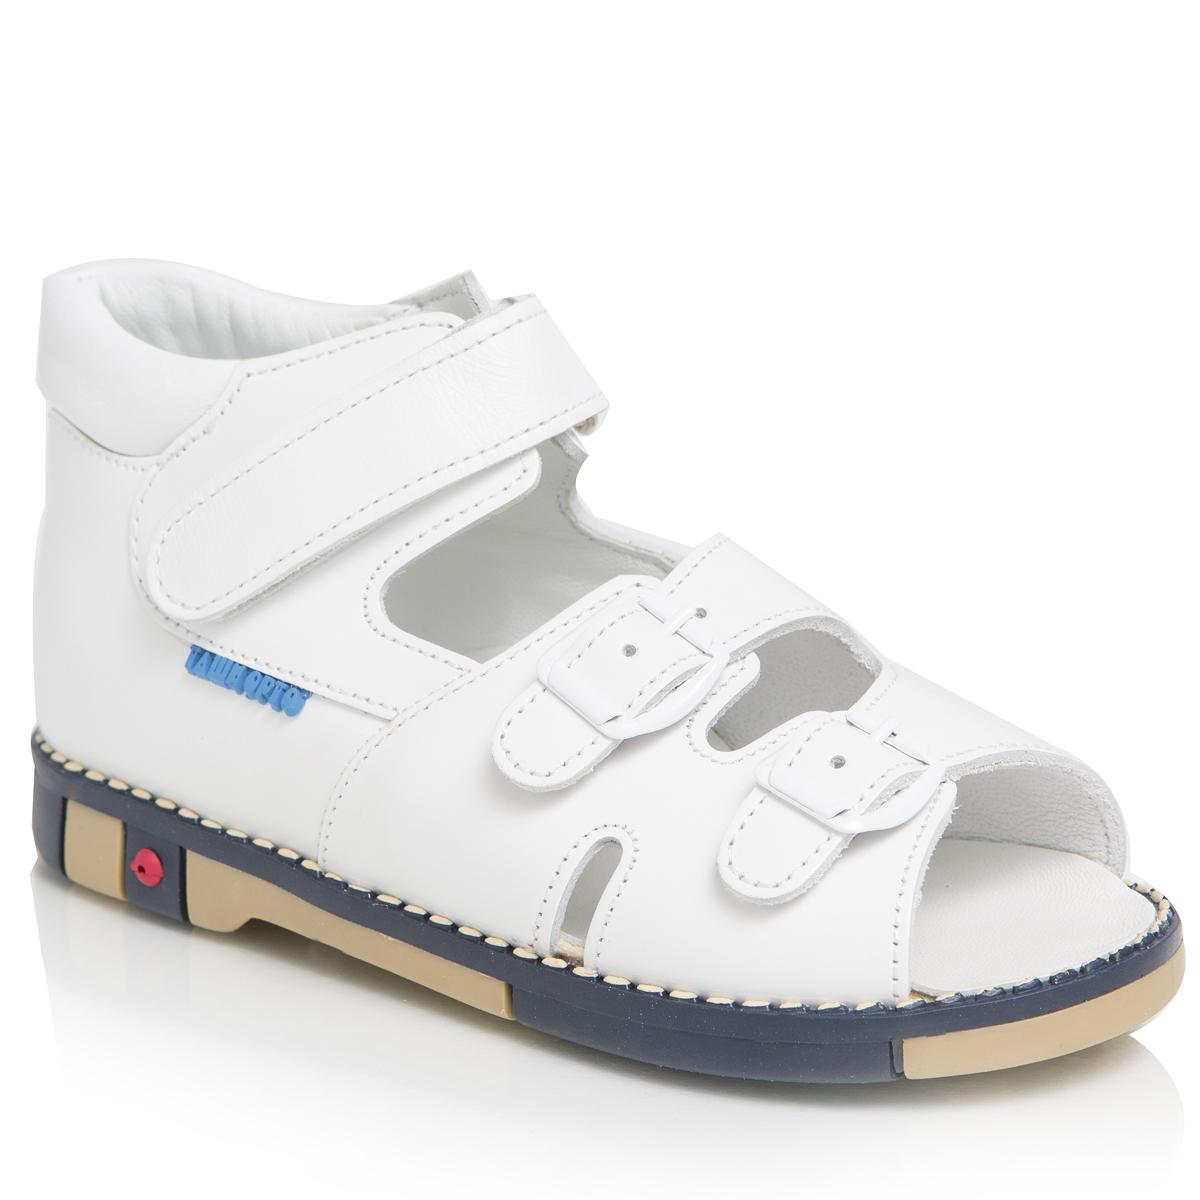 Сандалии унисекс. 401-06401-06ТАШИ ОРТО - детская профилактическая ортопедическая обувь массового производства. Ее можно носить не только детям с признаками плоскостопия и косолапия , но и для профилактики подобных отклонений. А многим детям ортопедическая обувь НЕОБХОДИМА для коррекции стопы, исправления походки и осанки.